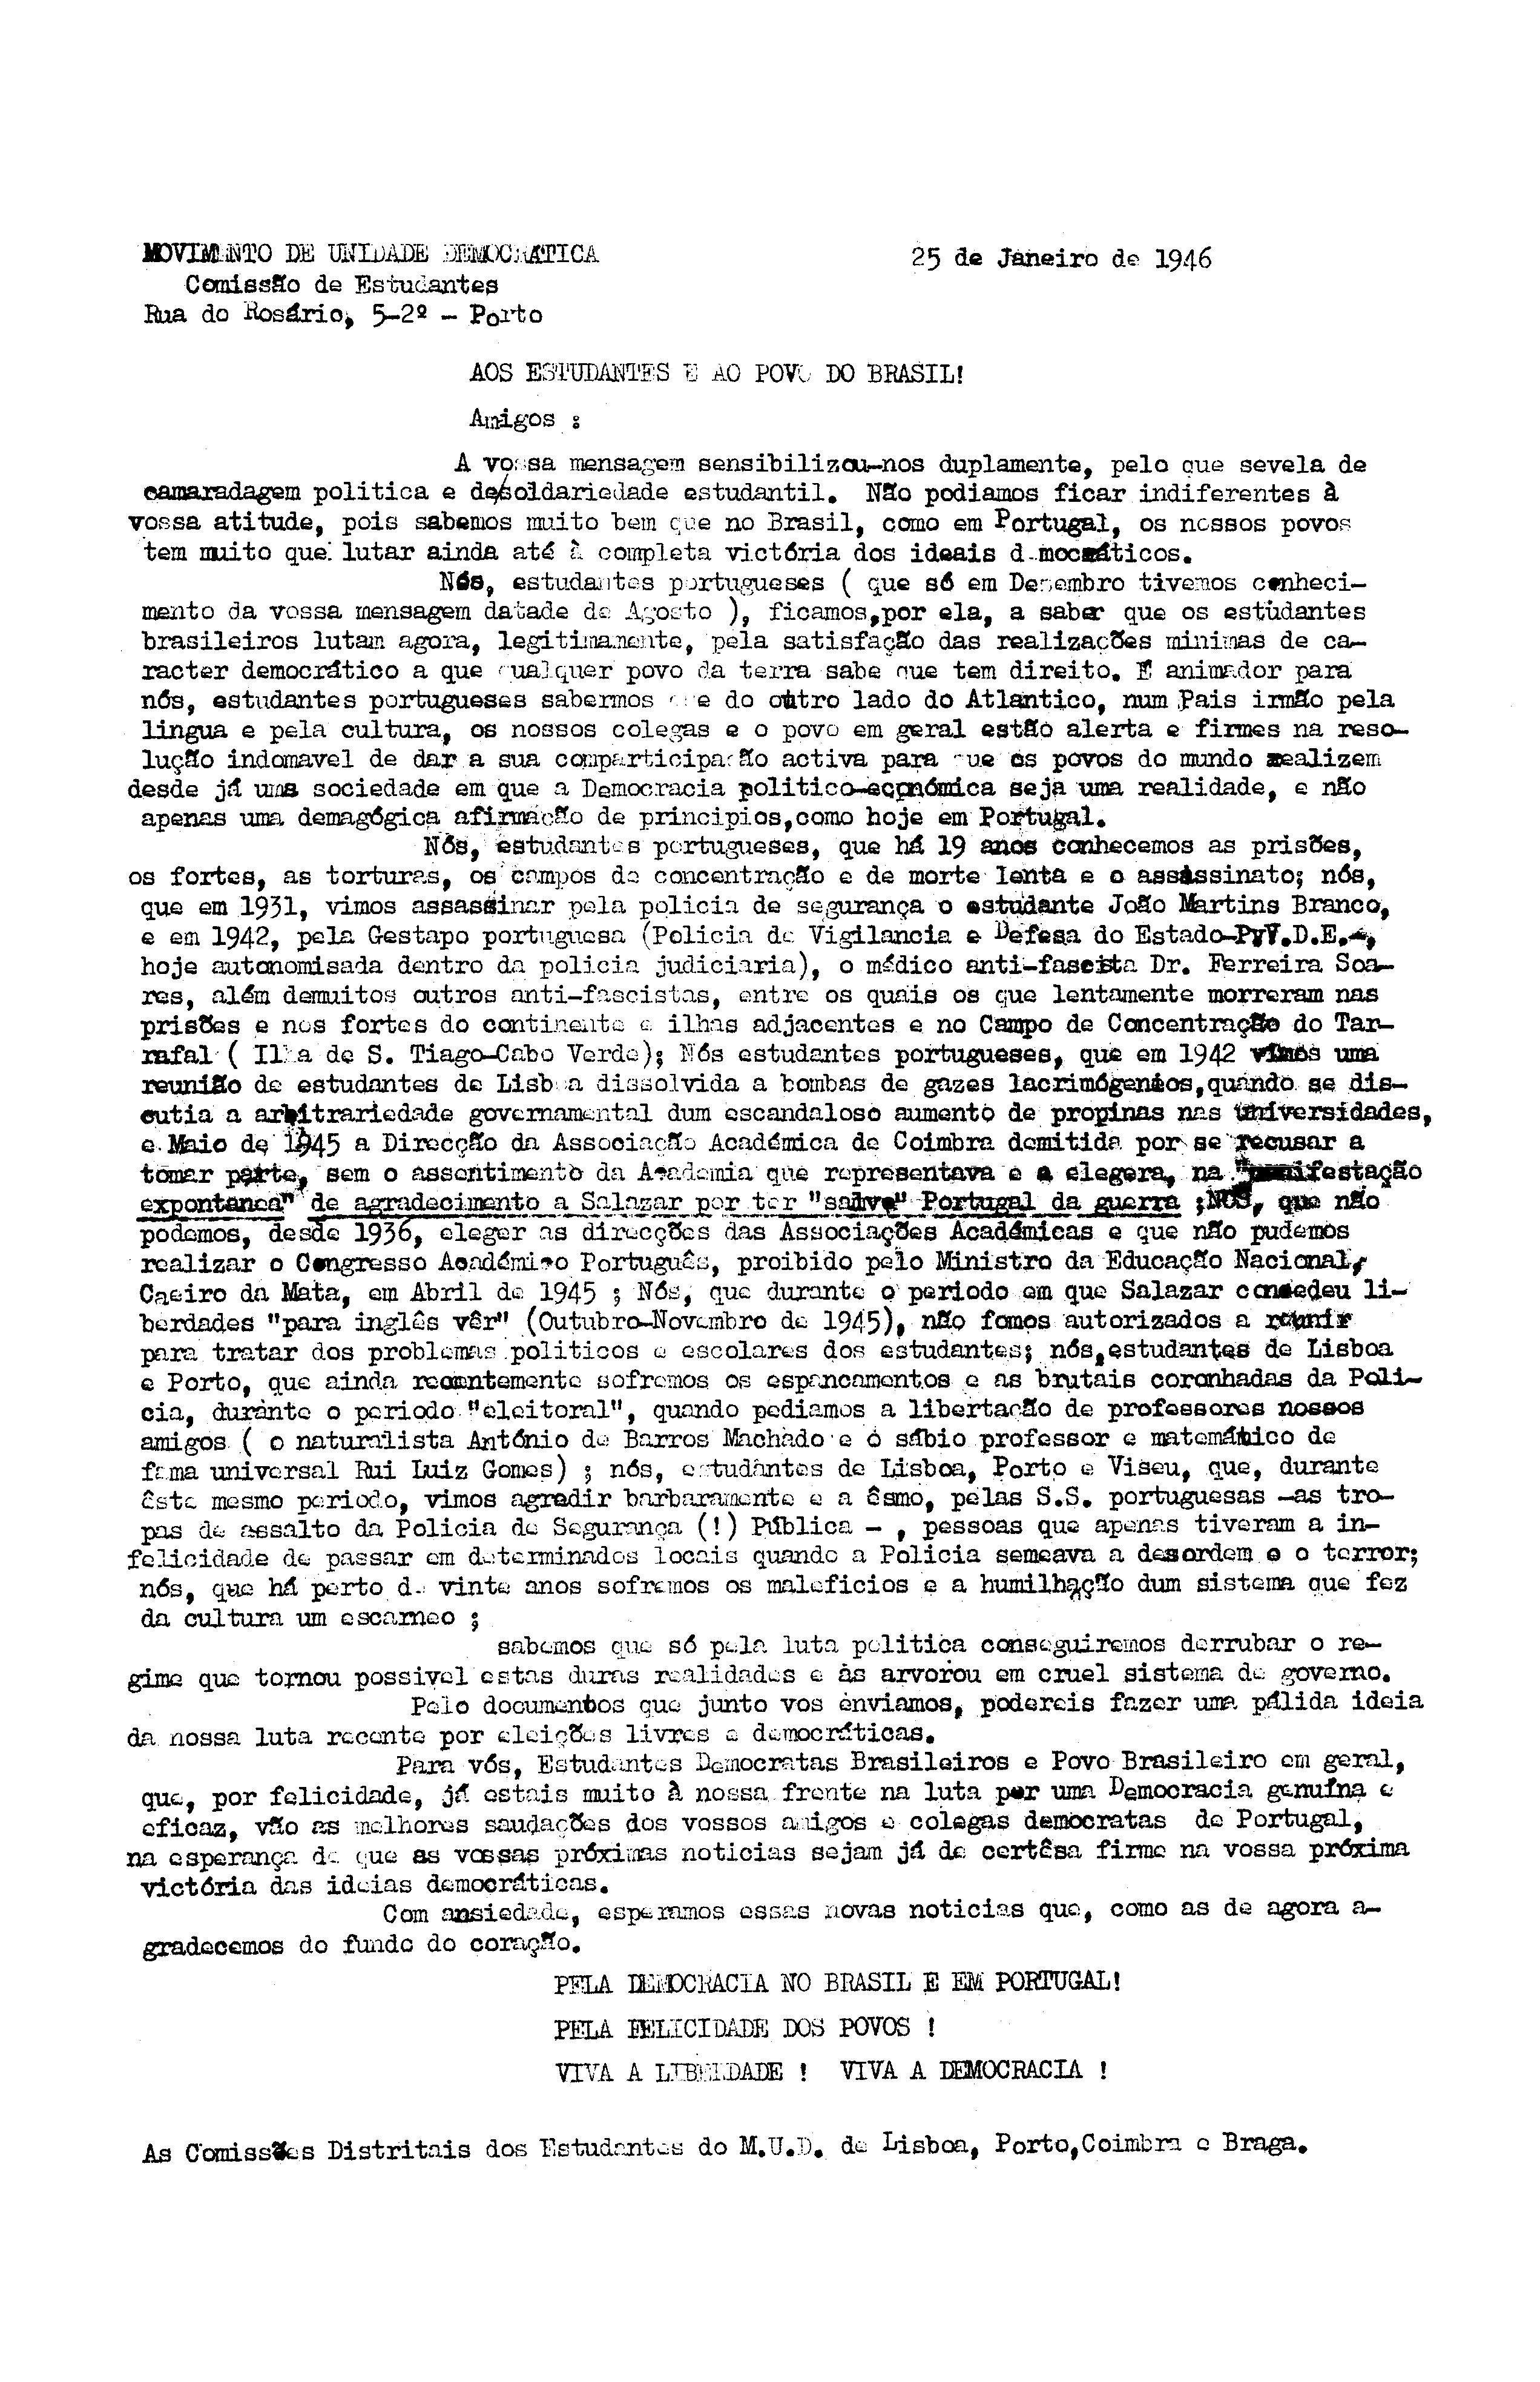 02969.001.007- pag.1